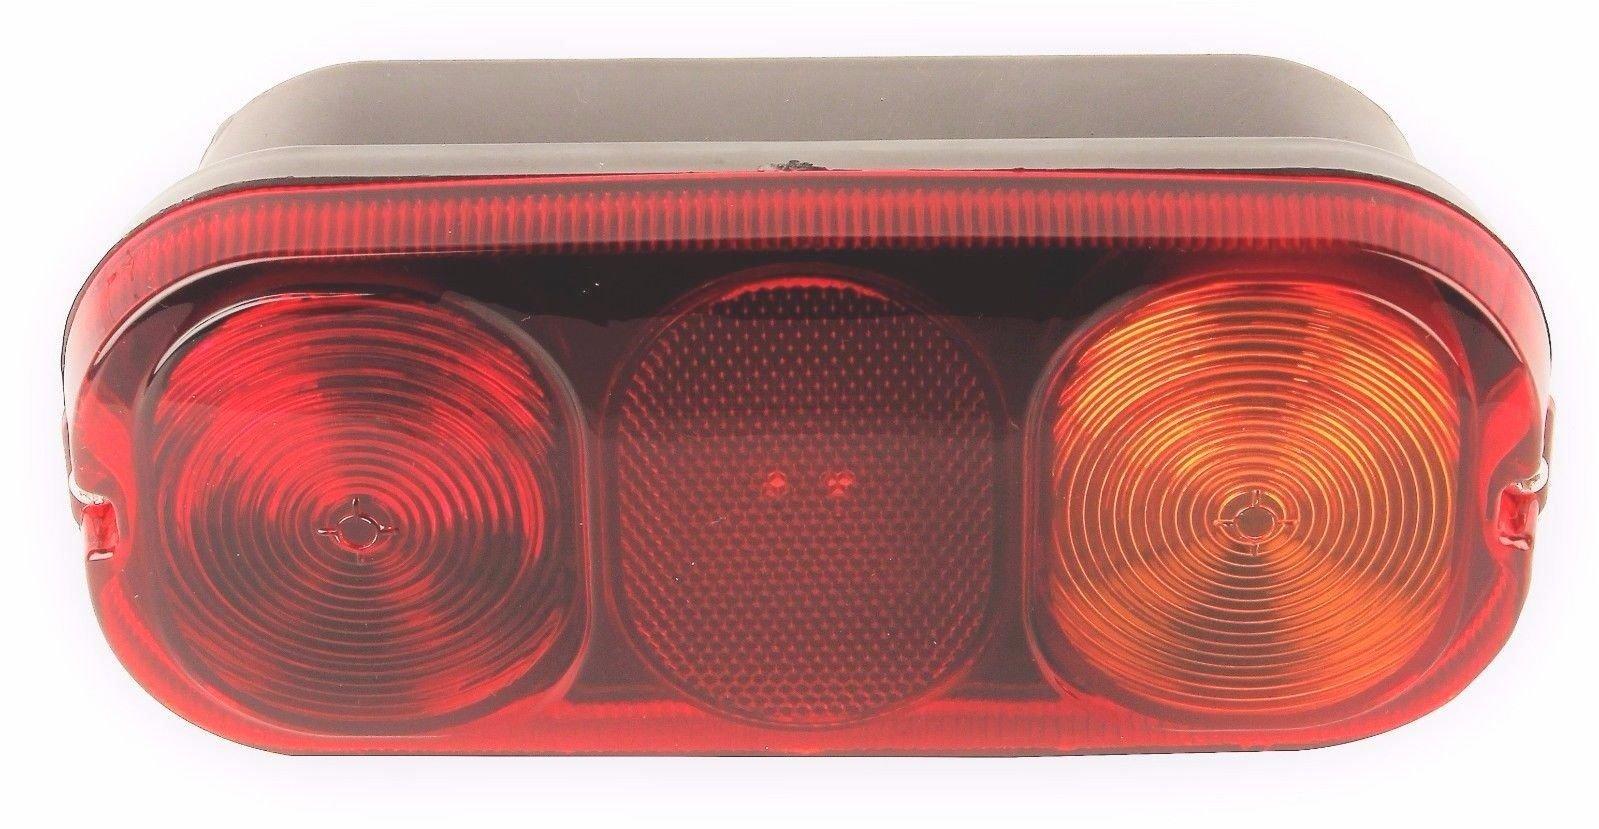 JCB Parts -Tail Rear Stop Combination Lamp Light Unit (Rep JCB Part 701/50018)- 13001203